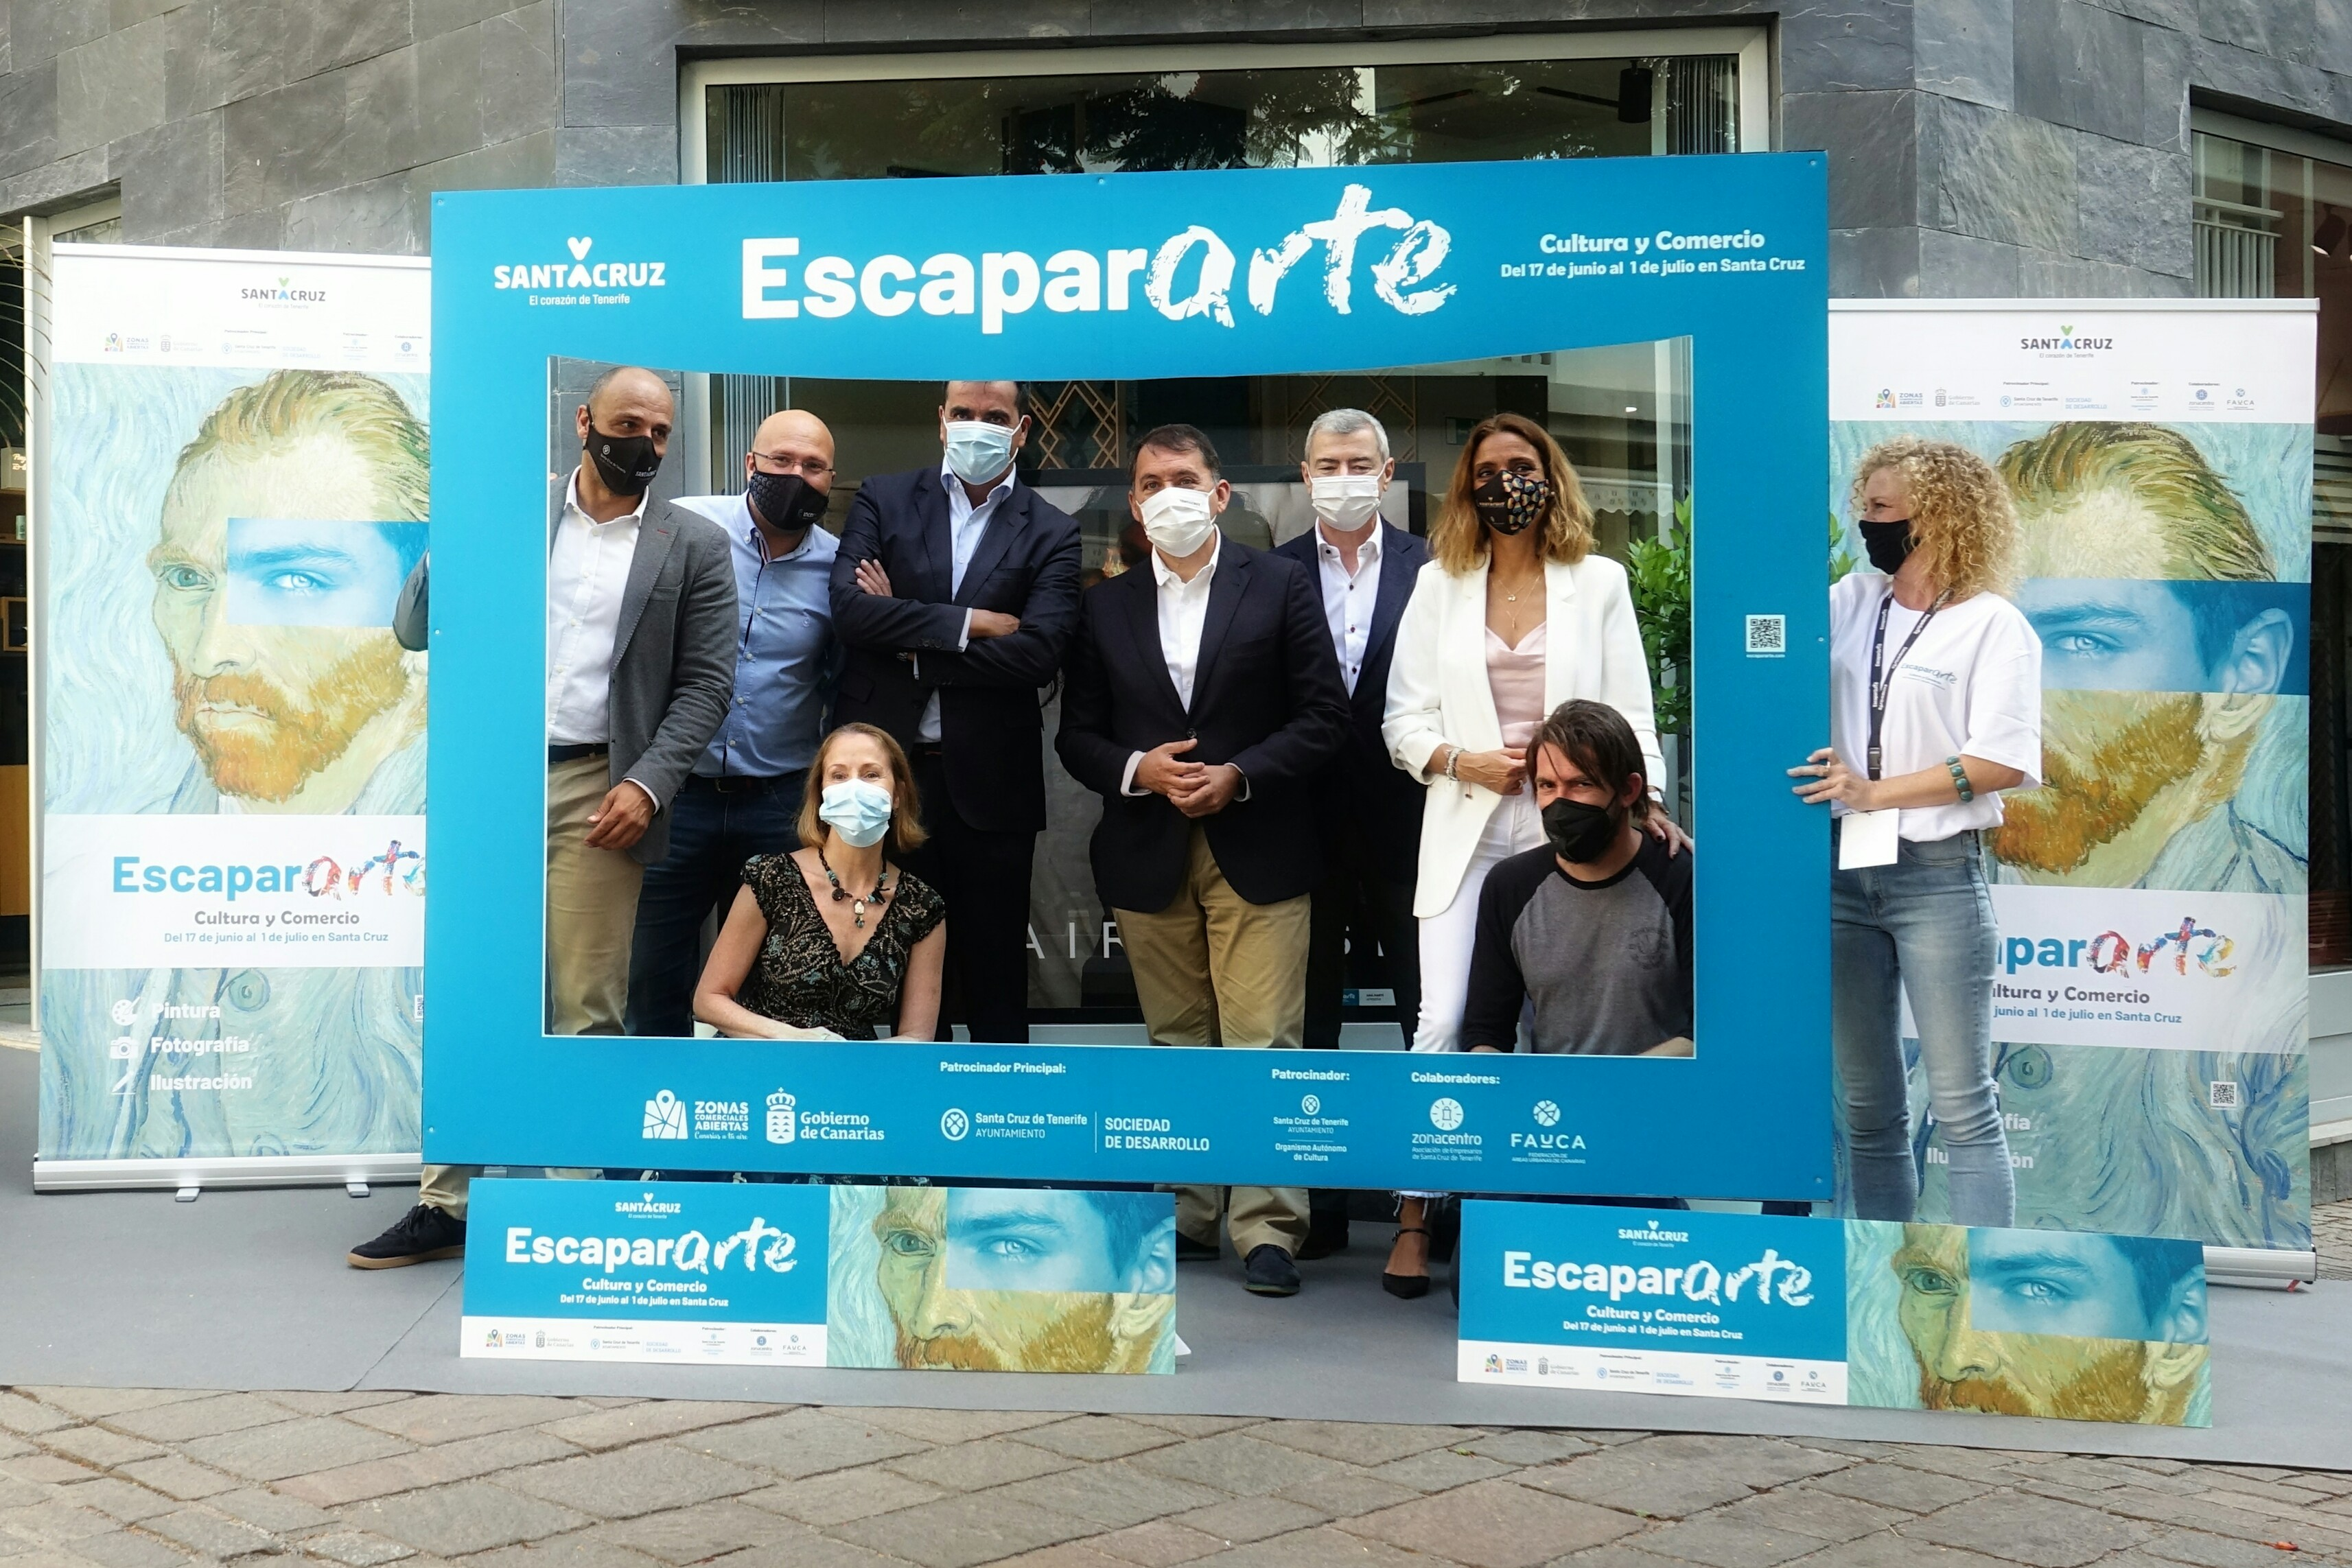 """Segunda edición de """"EscaparARTE"""" en Santa Cruz de Tenerife / CanariasNoticias.es"""